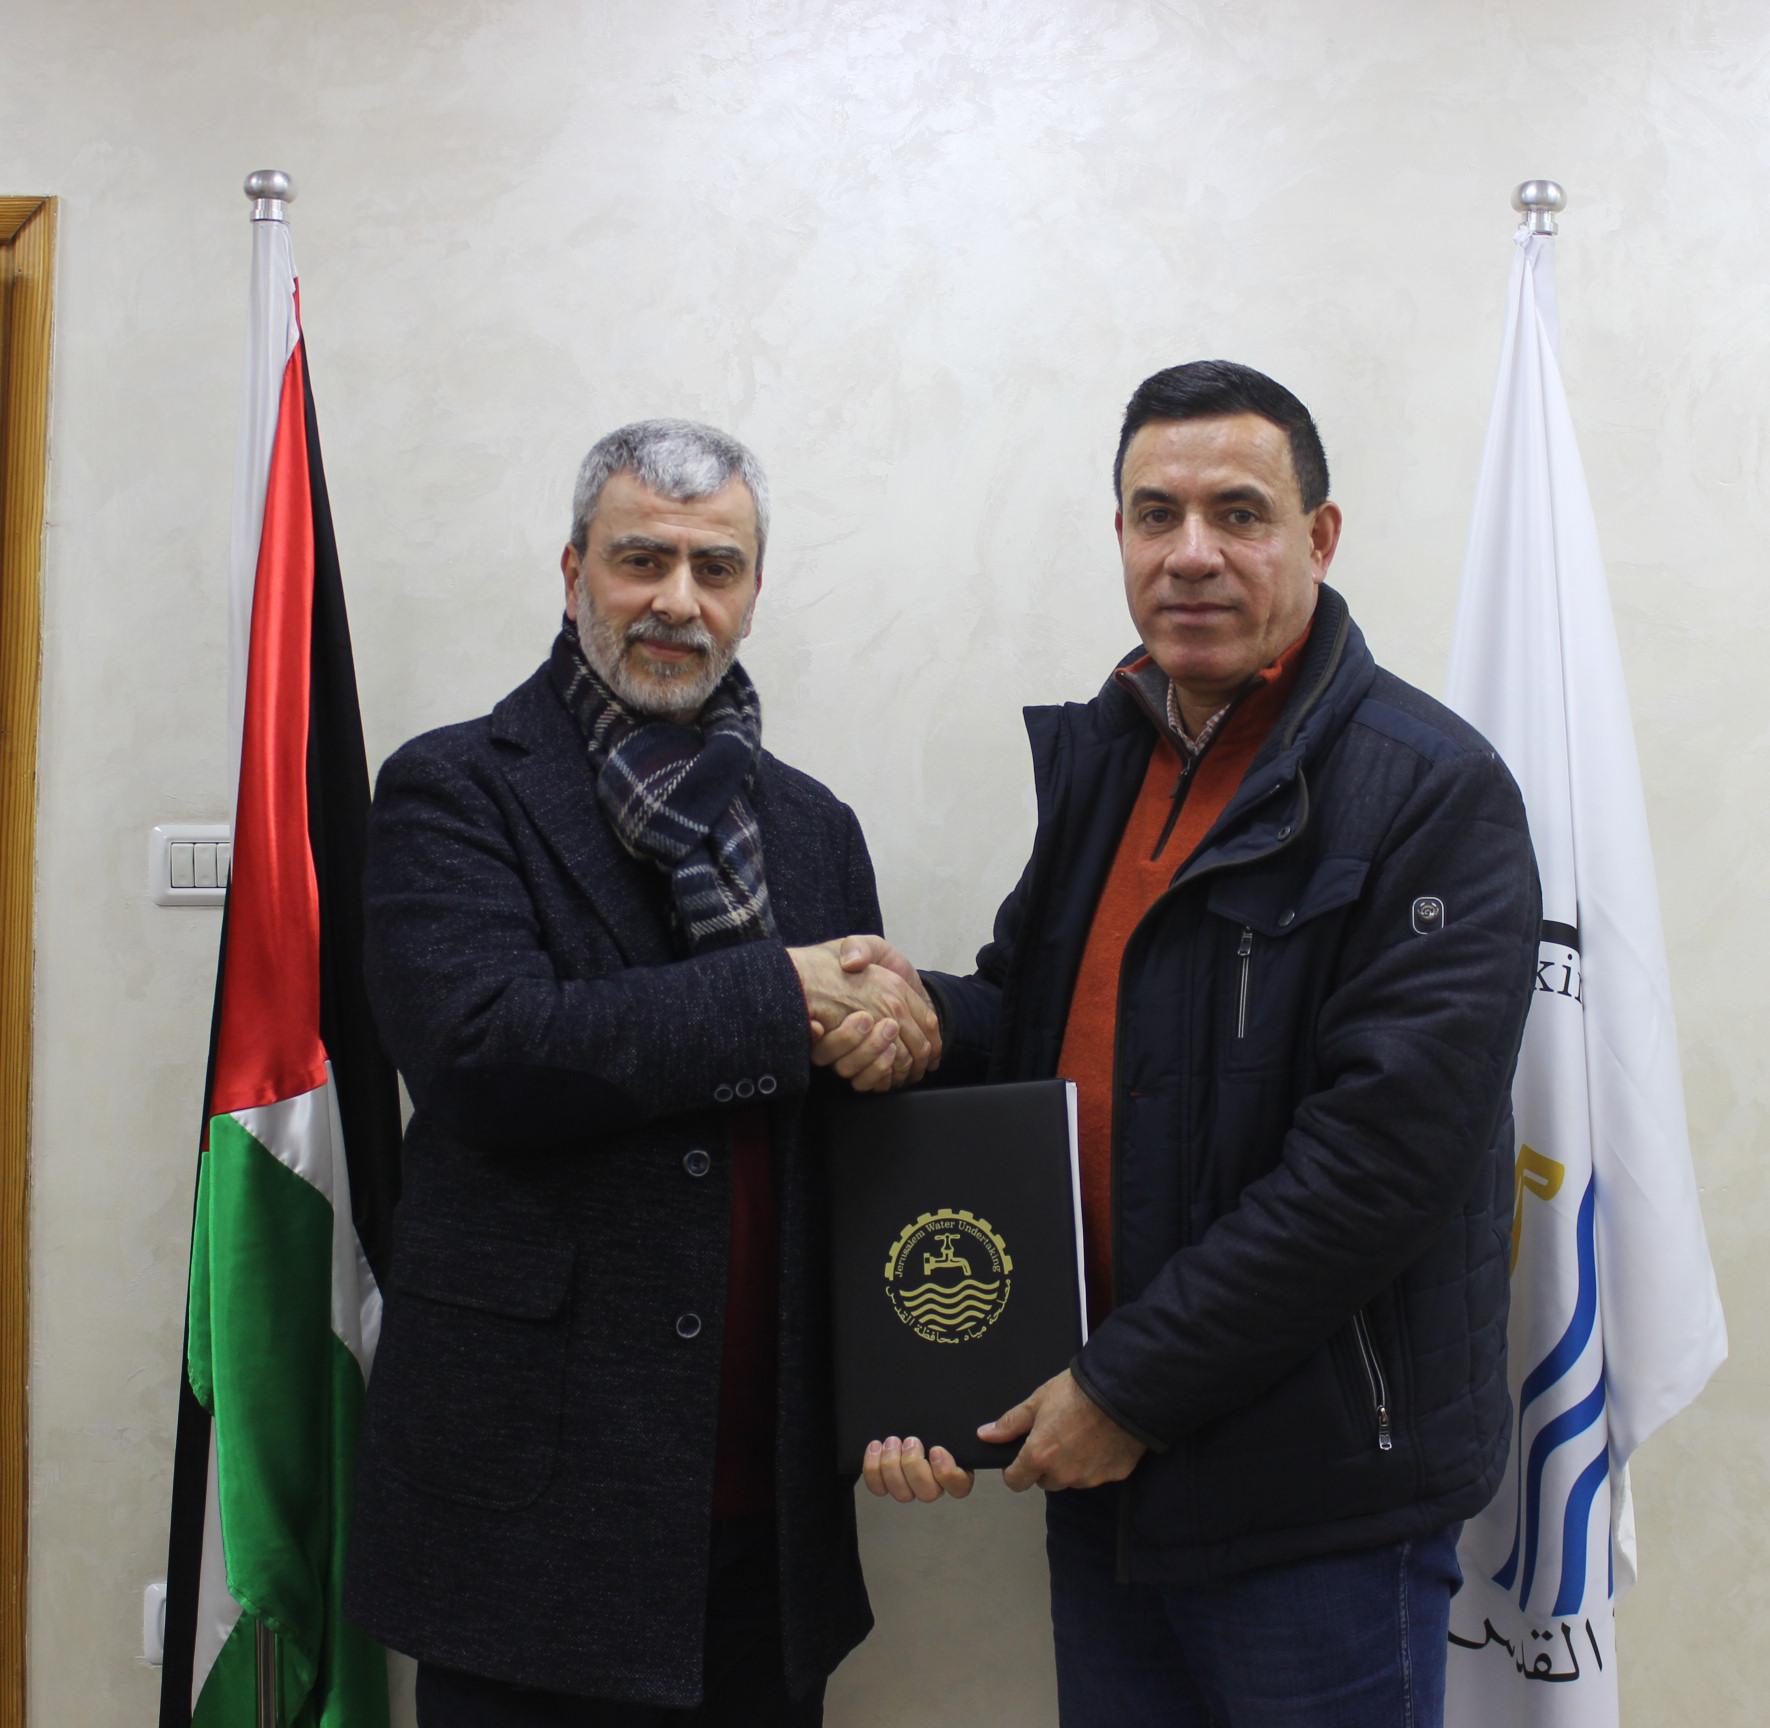 مصلحة مياه محافظة القدس توقع اتفاقية مع شركة دار البناء للتجارة والمقاولات العامة